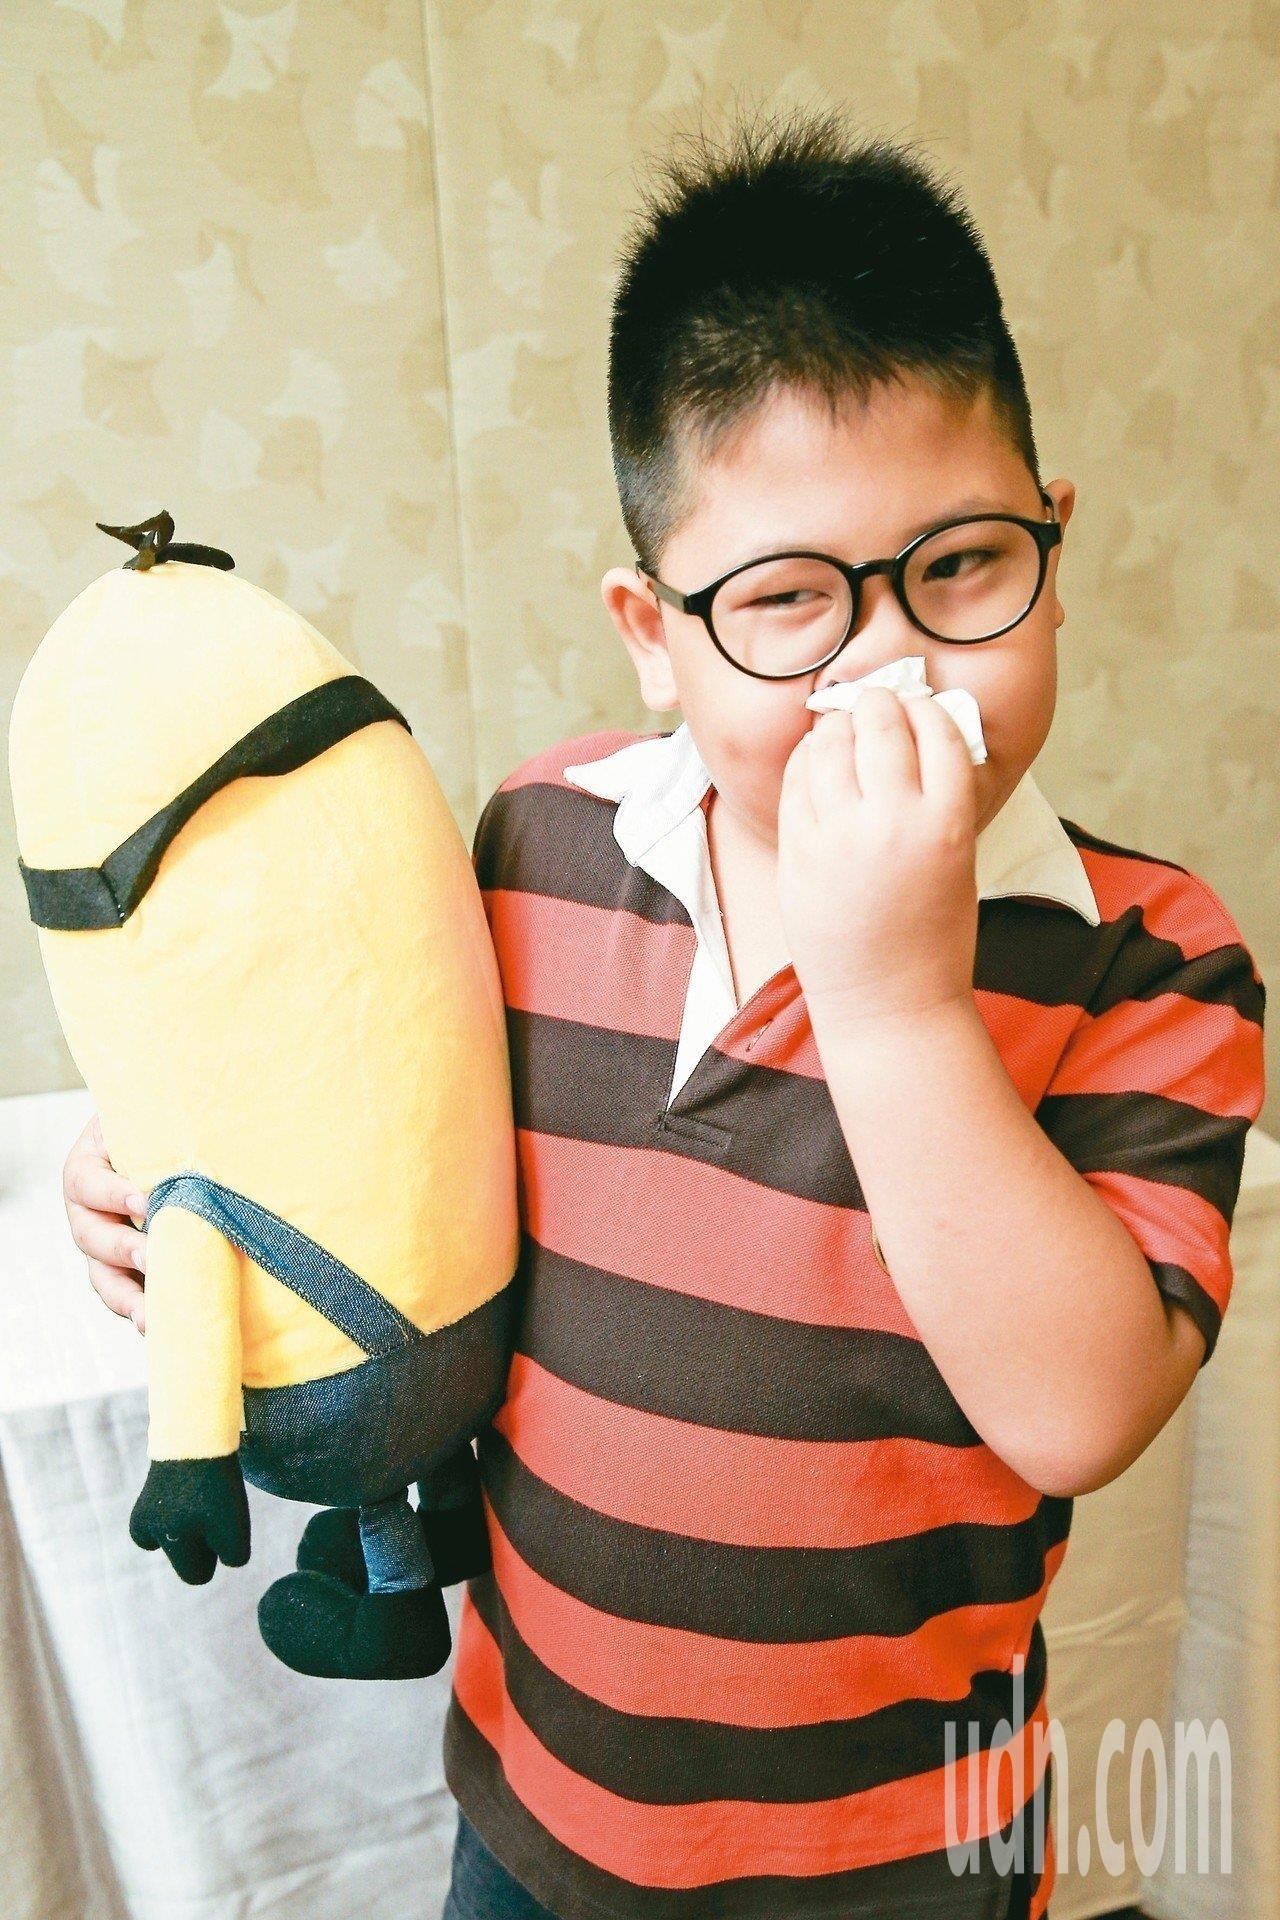 春季易誘發鼻過敏,不過有些人未必知道自己屬於過敏體質,長期與輕微的鼻過敏症狀相伴...